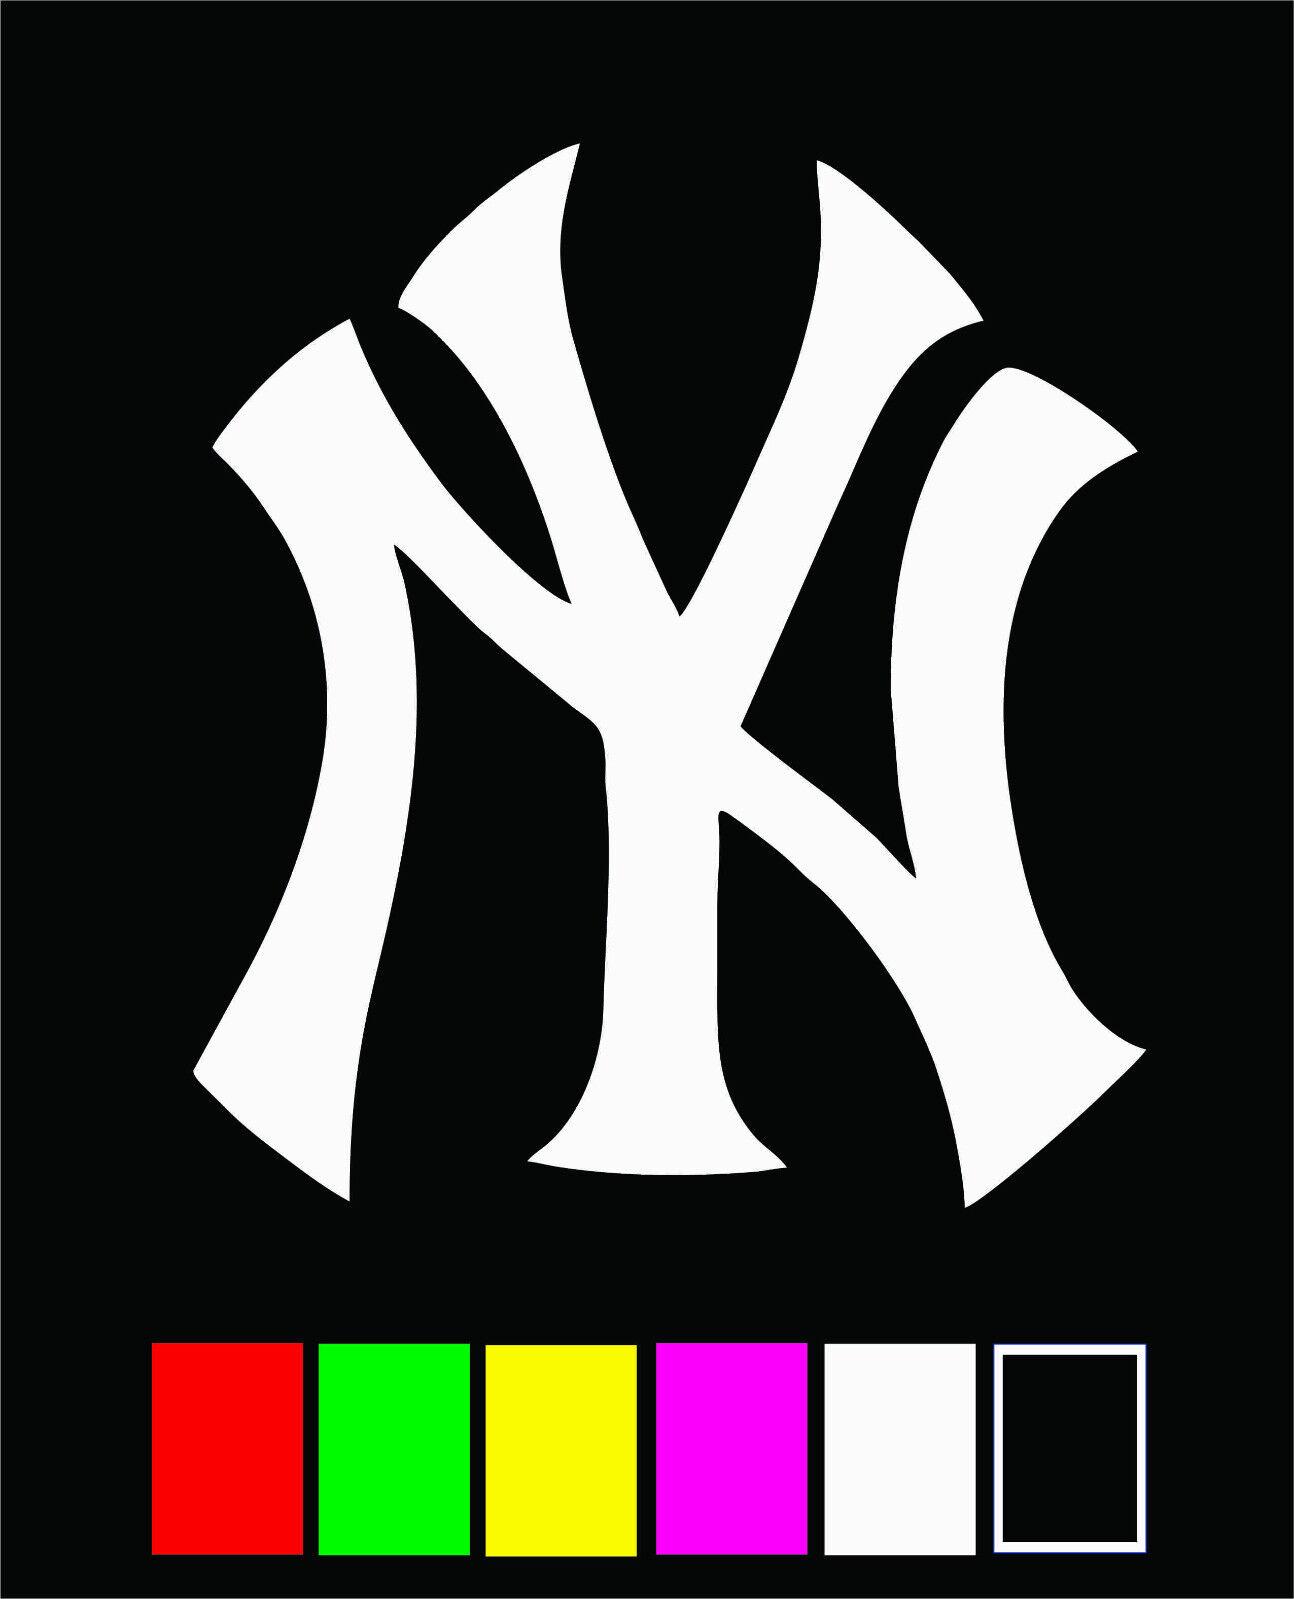 Home Decoration - NEW YORK YANKEES Die Cut Vinyl Decal Sticker